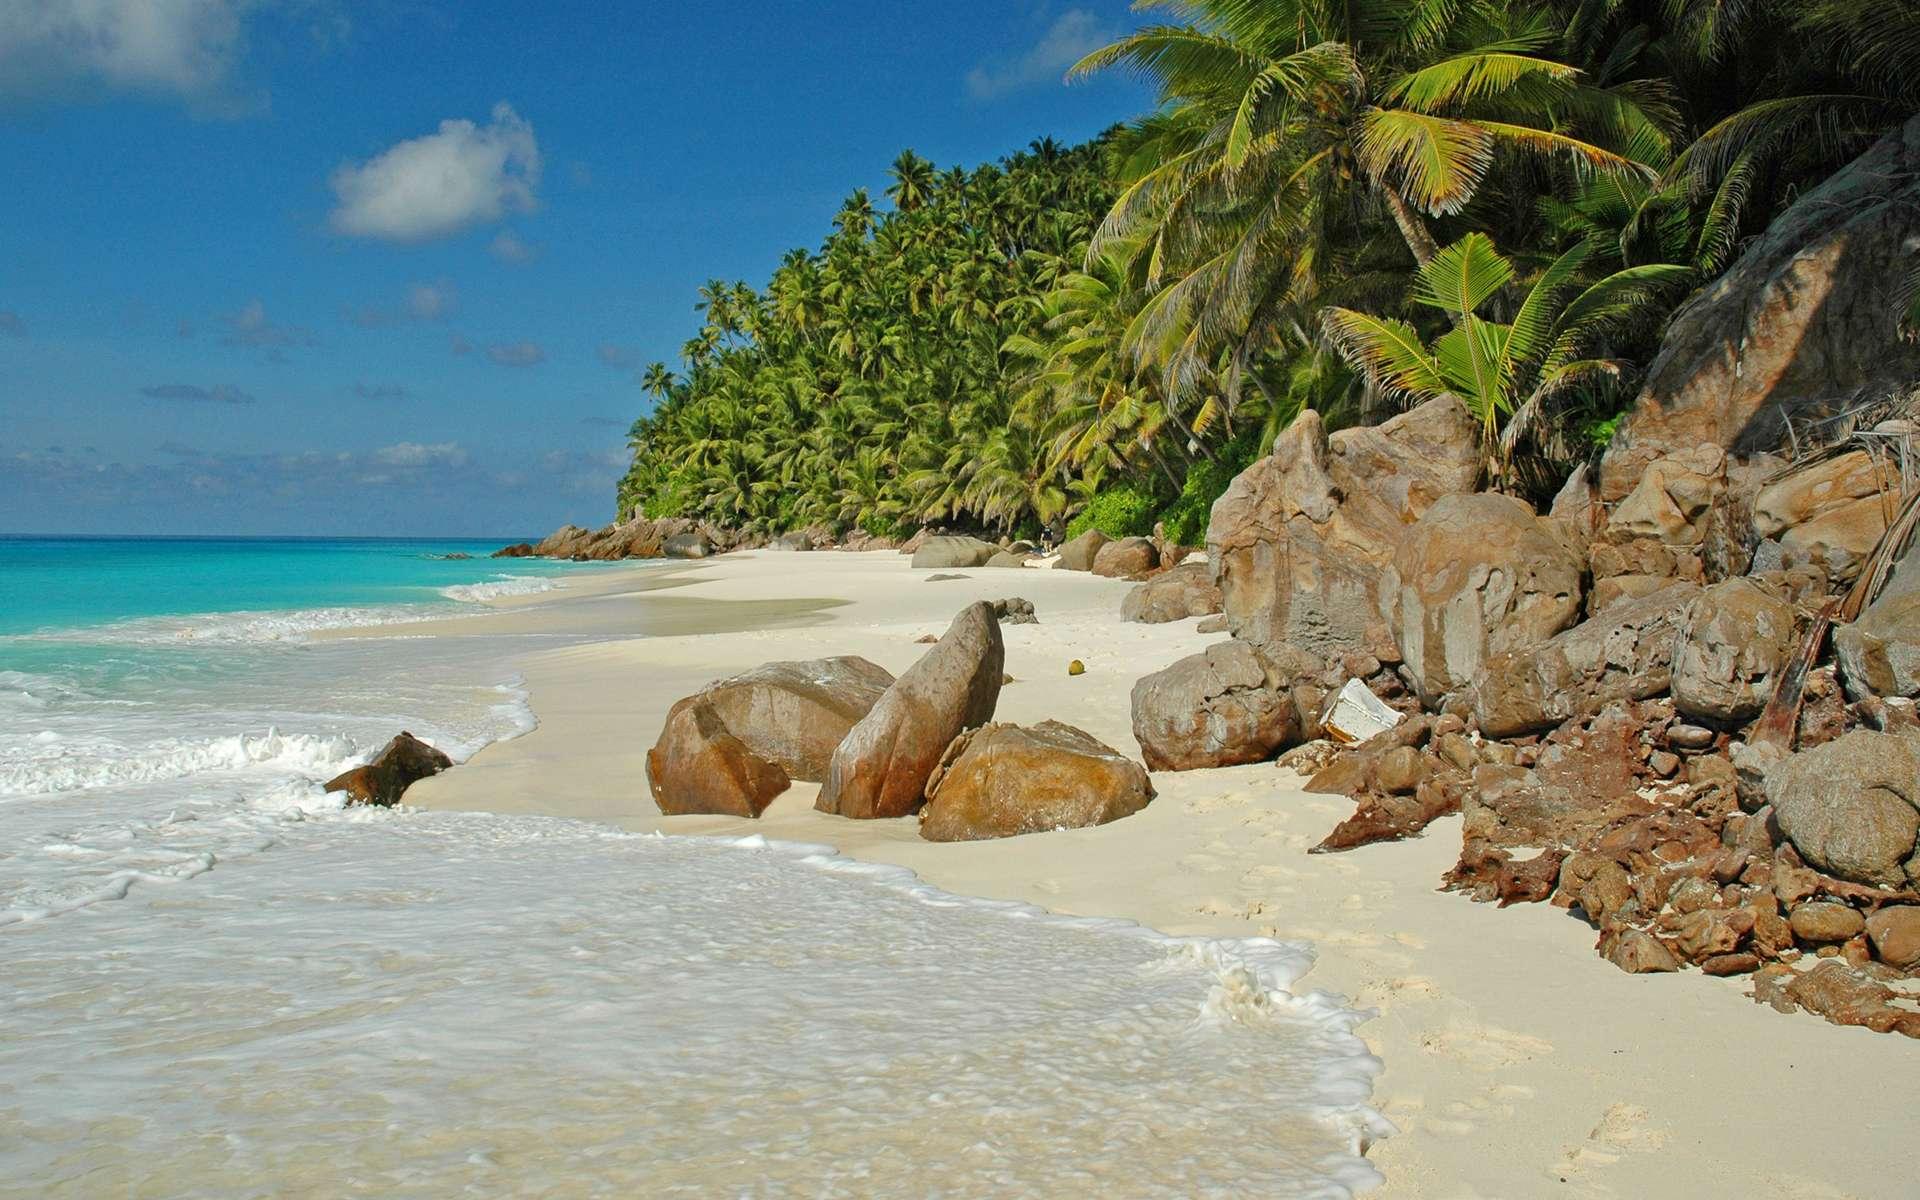 La plage de l'anse Victorin, dans l'île de Frégate aux Seychelles, est une source d'émerveillement. Sa contemplation réduirait les réactions inflammatoires. © Antoine